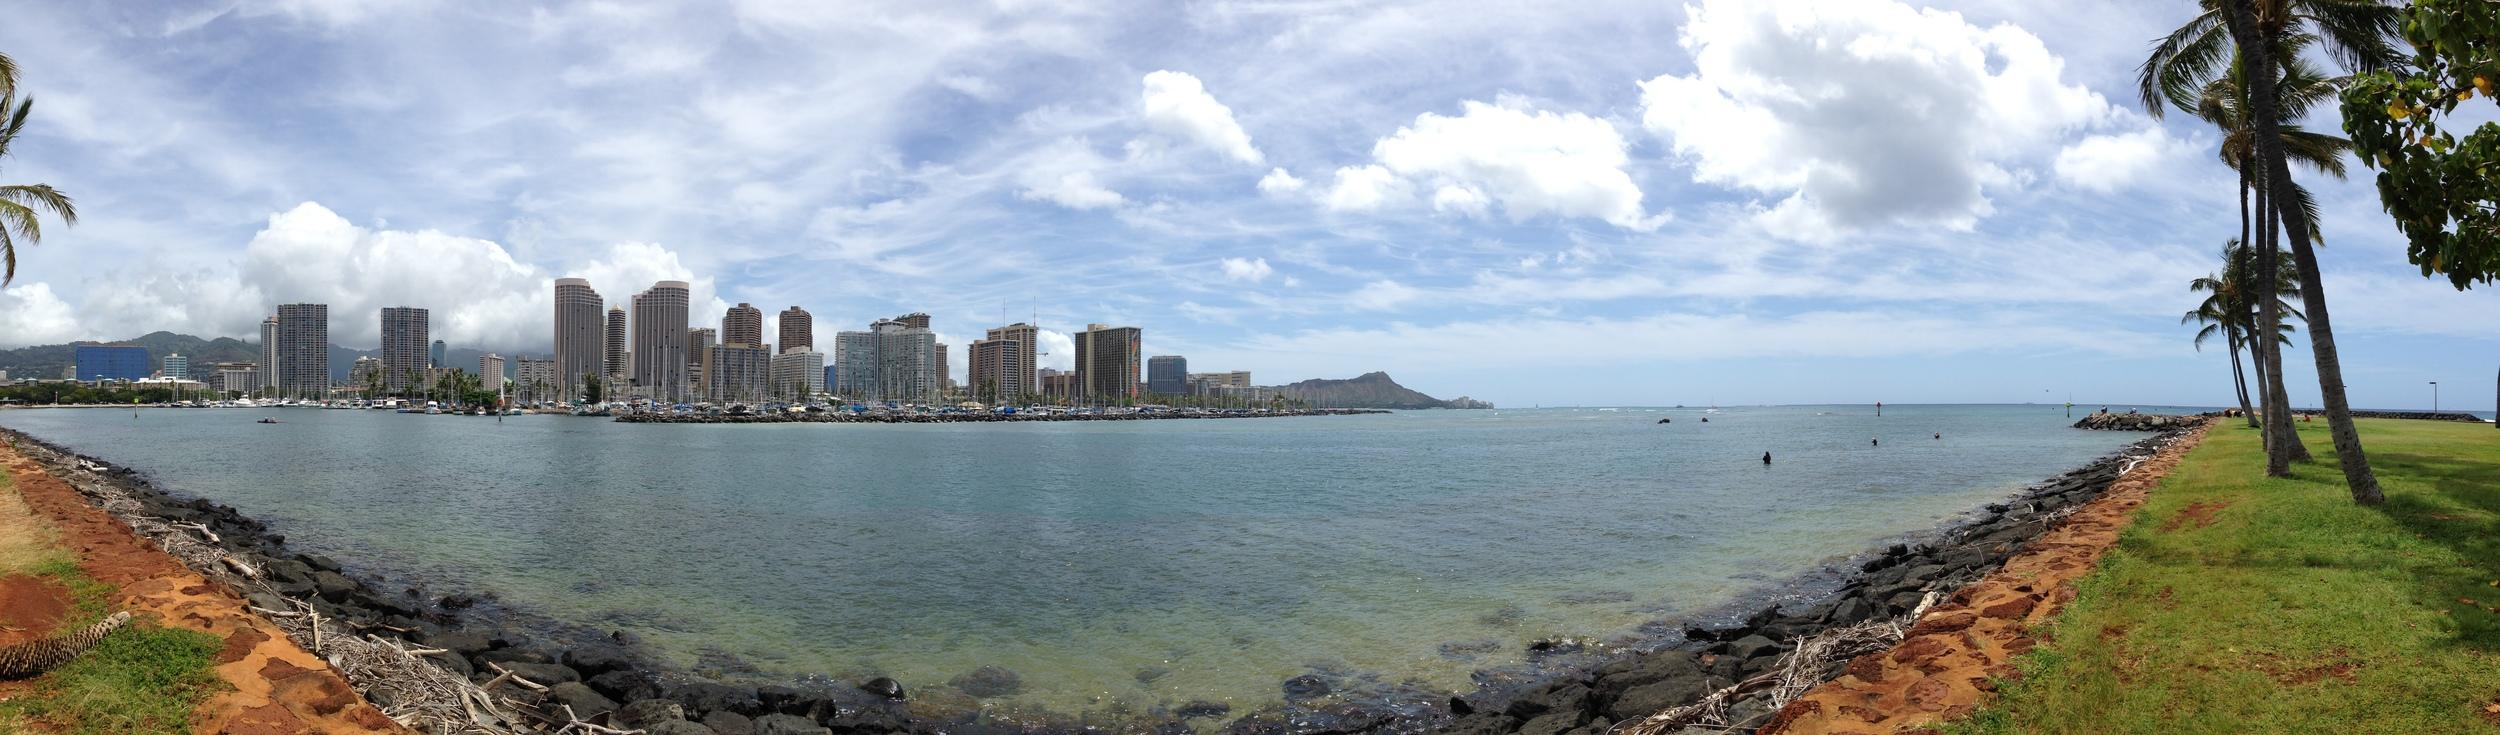 Waikiki_Hawaii_panorama